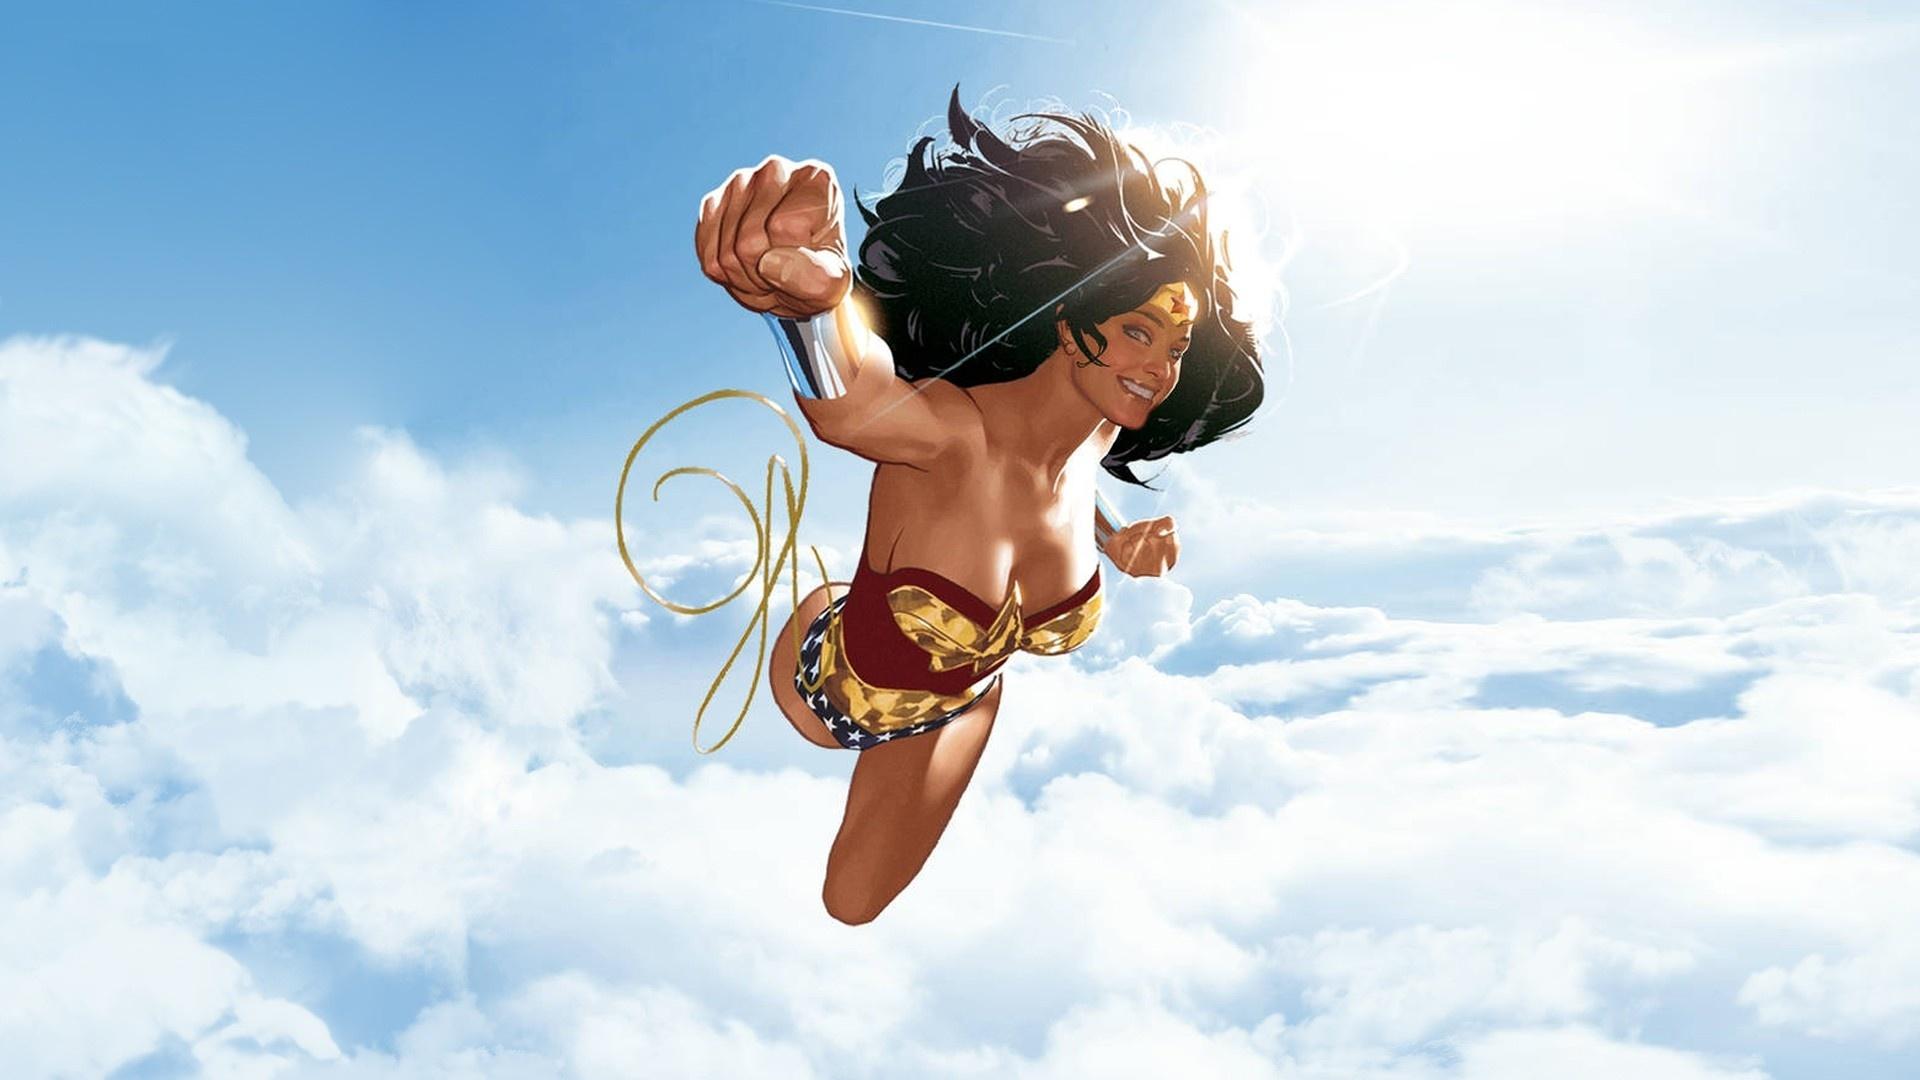 Flying Girl Wallpaper theme